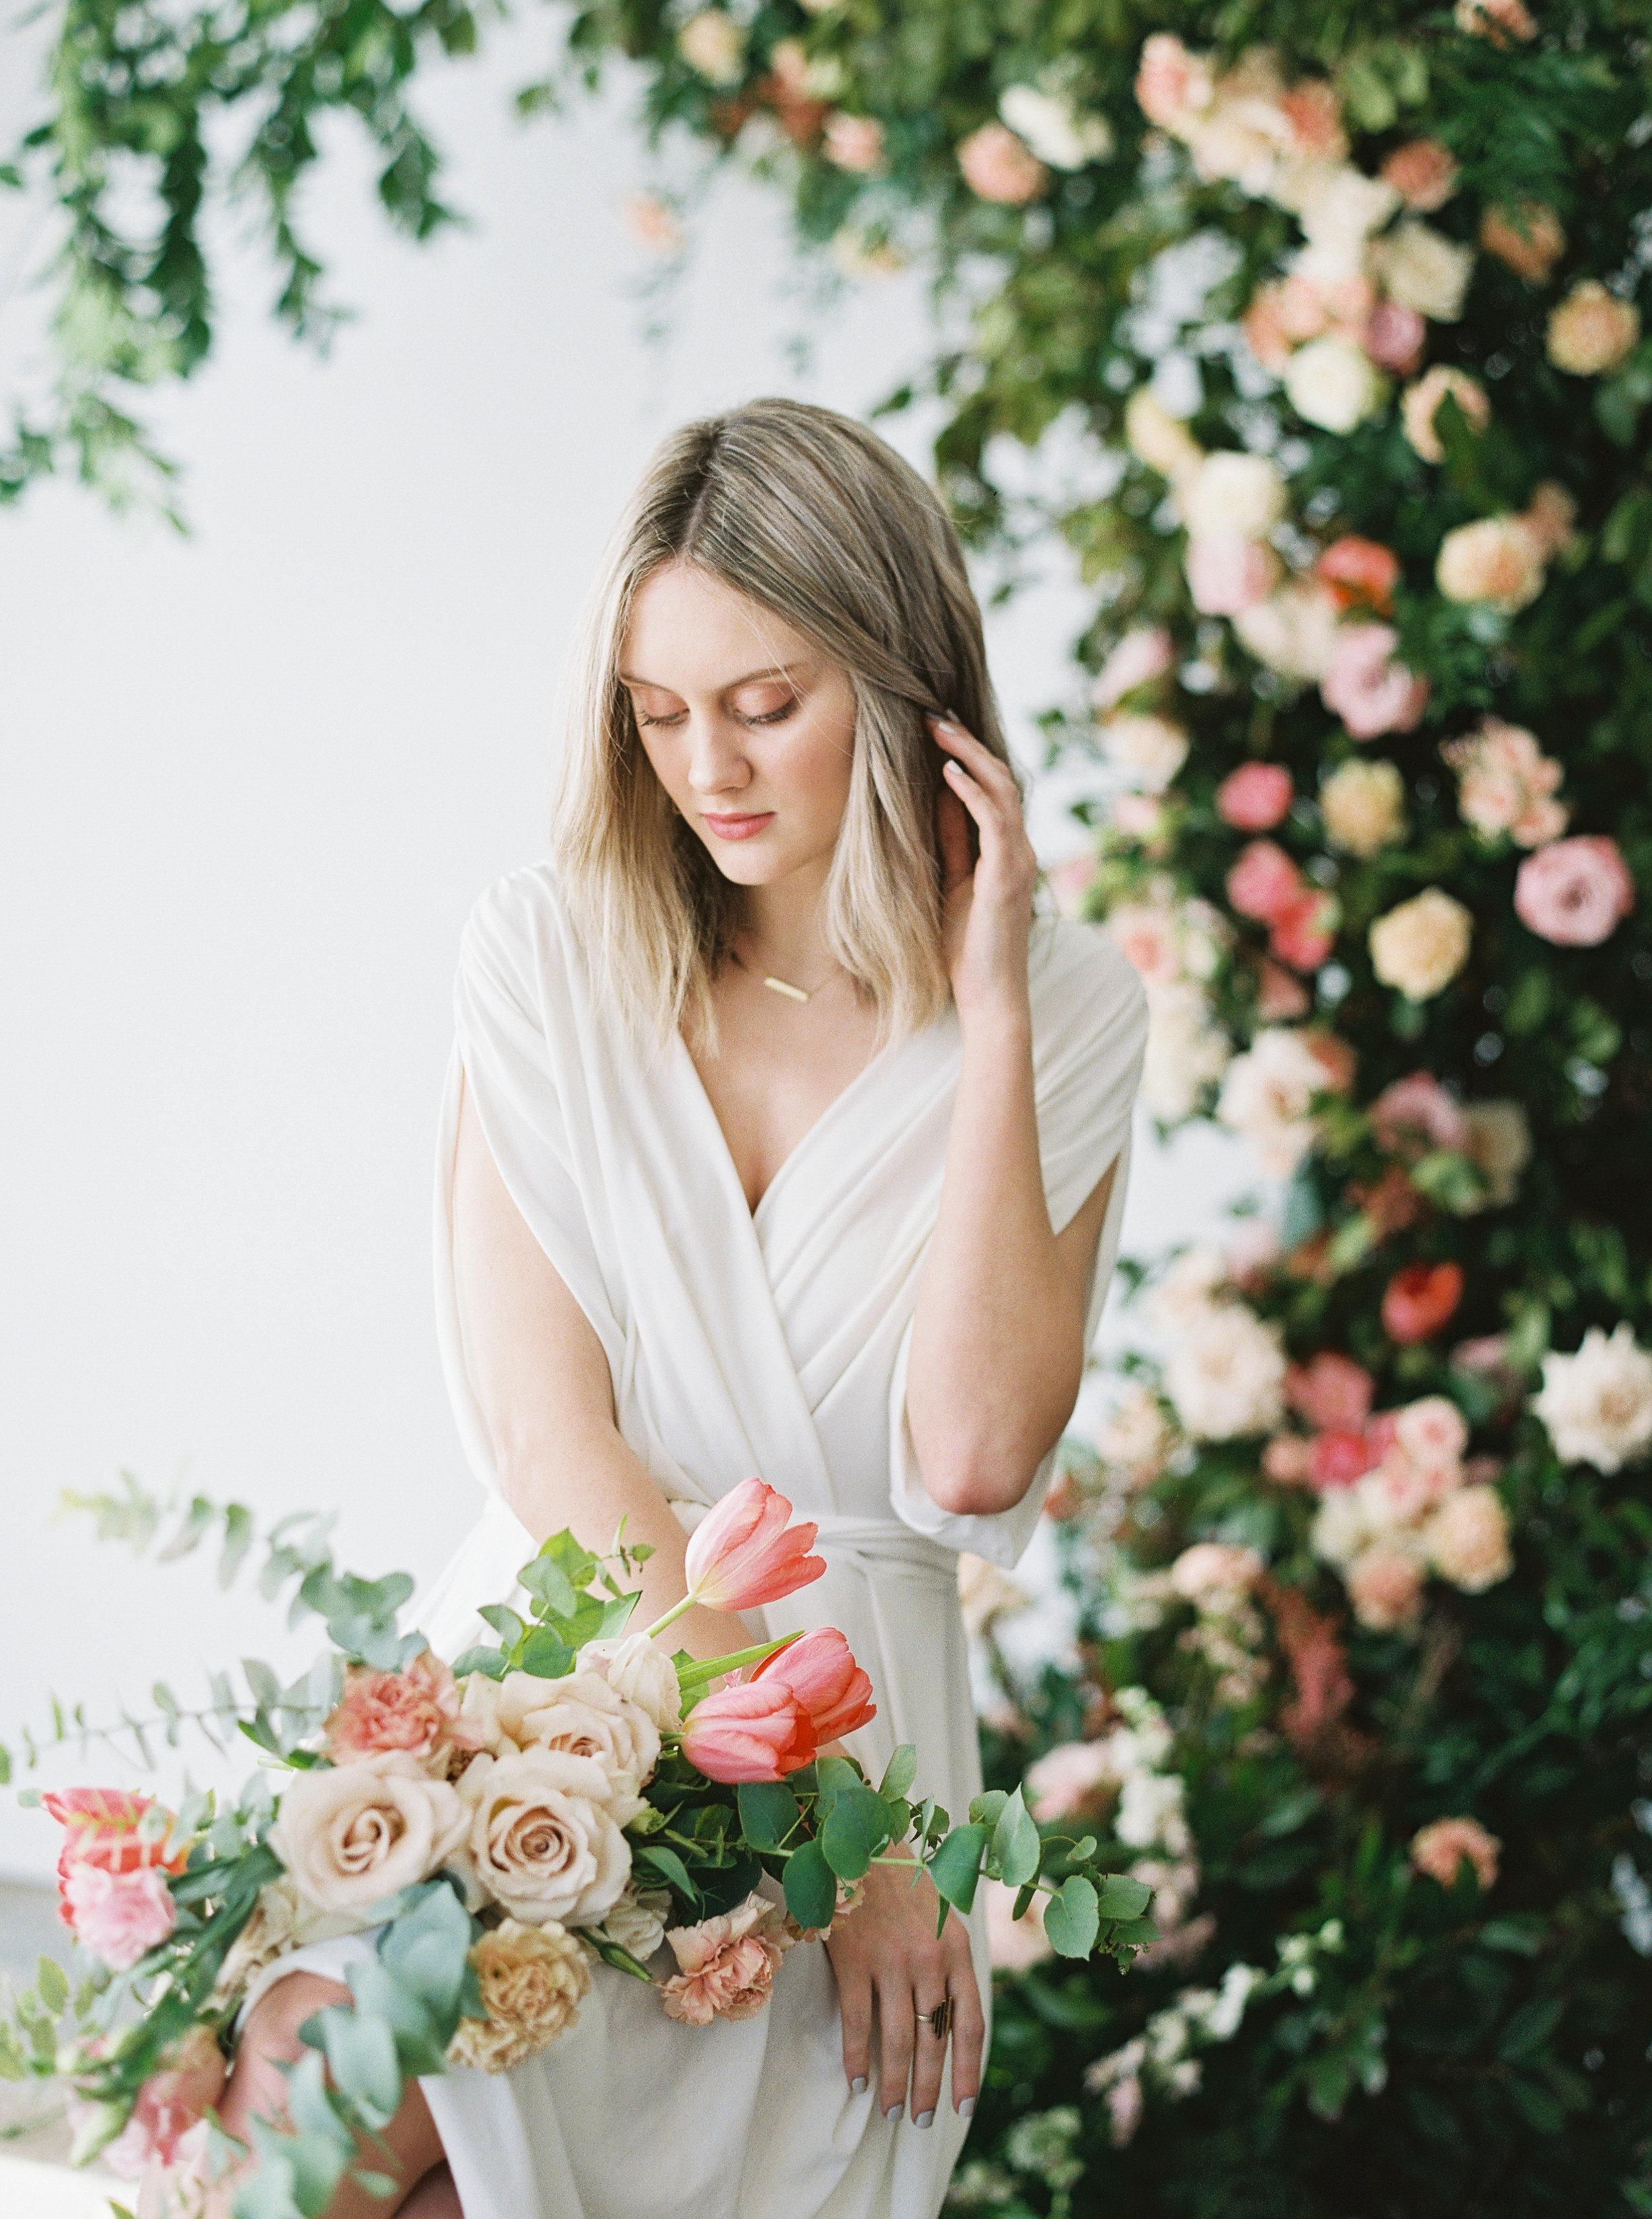 spring_flowers_tulips_pink_floridesigns (3 of 18).jpg